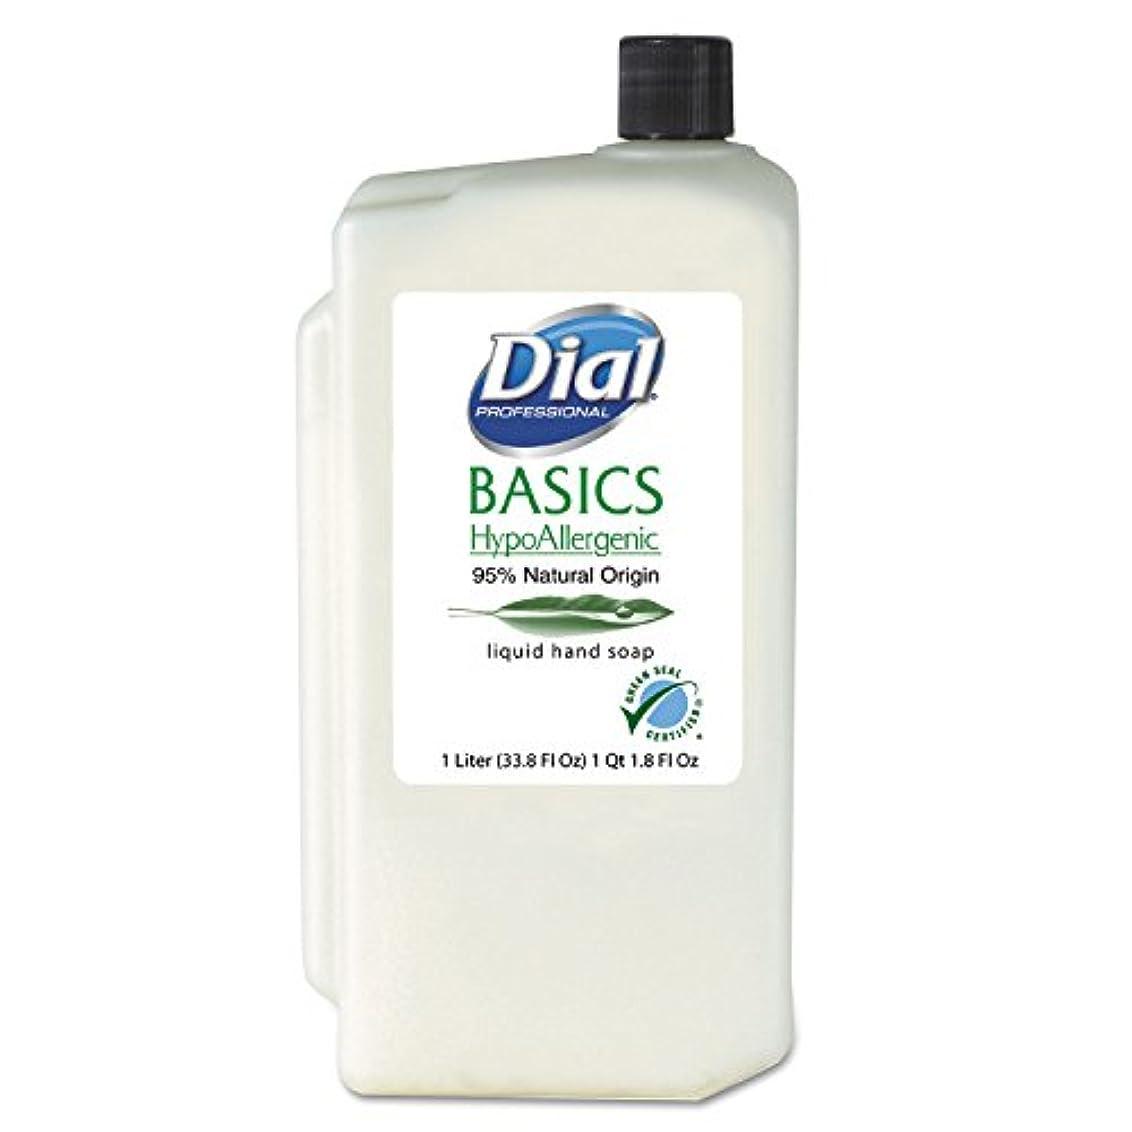 切手チャンピオンシップ甘美なDIA06046 - Basics Hypoallergenic Liquid Soap, Rosemary amp; Mint, 1 Liter Refill by Dial